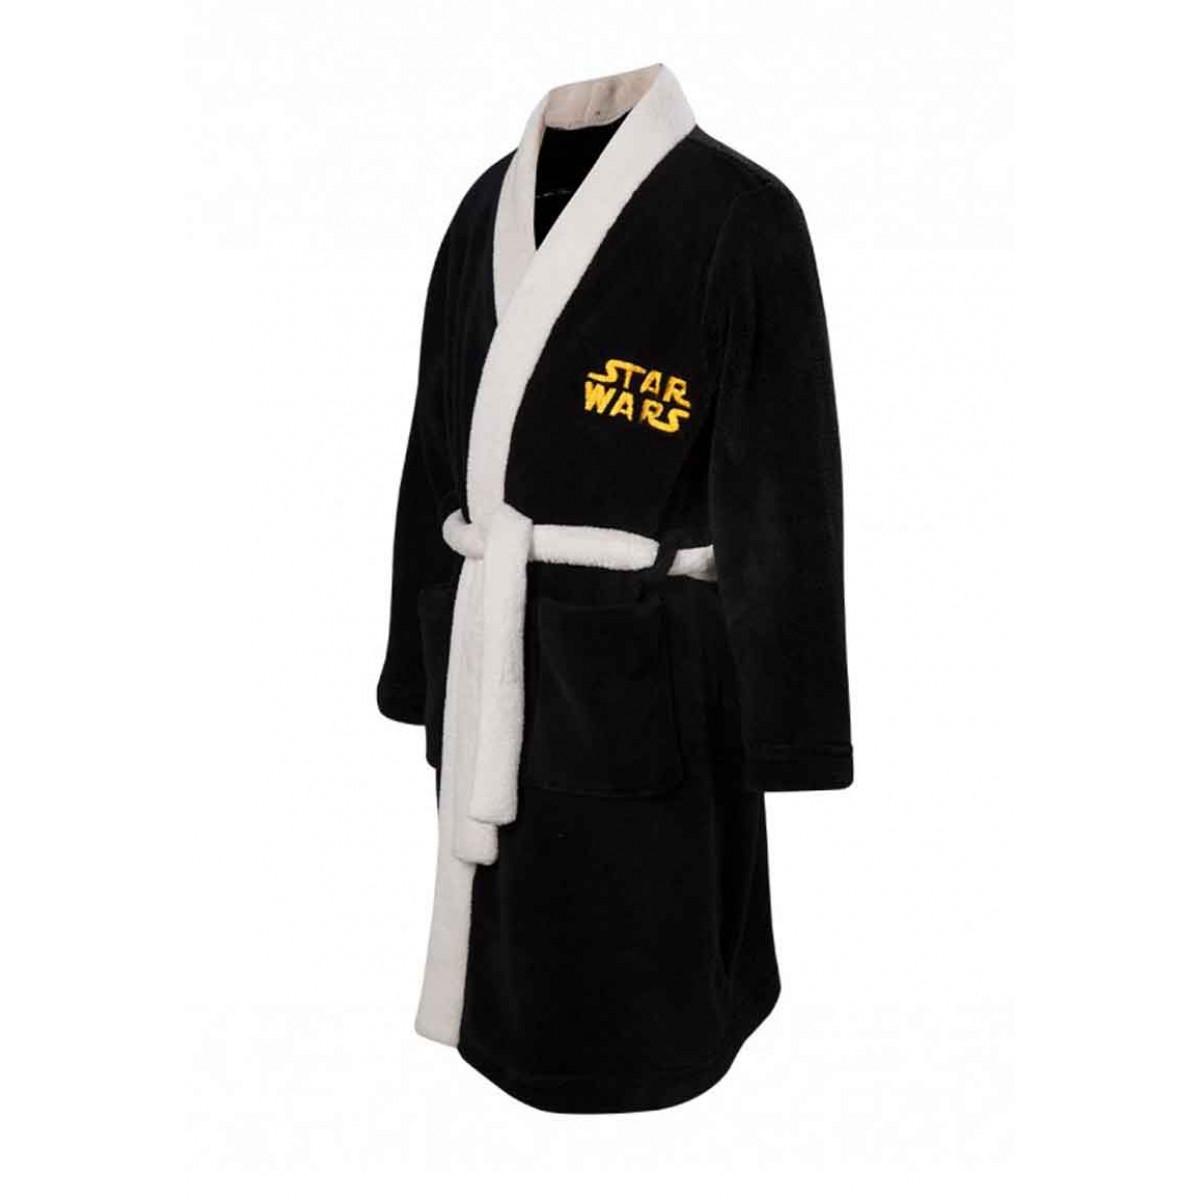 Star wars kinderbadjas Stromtrooper